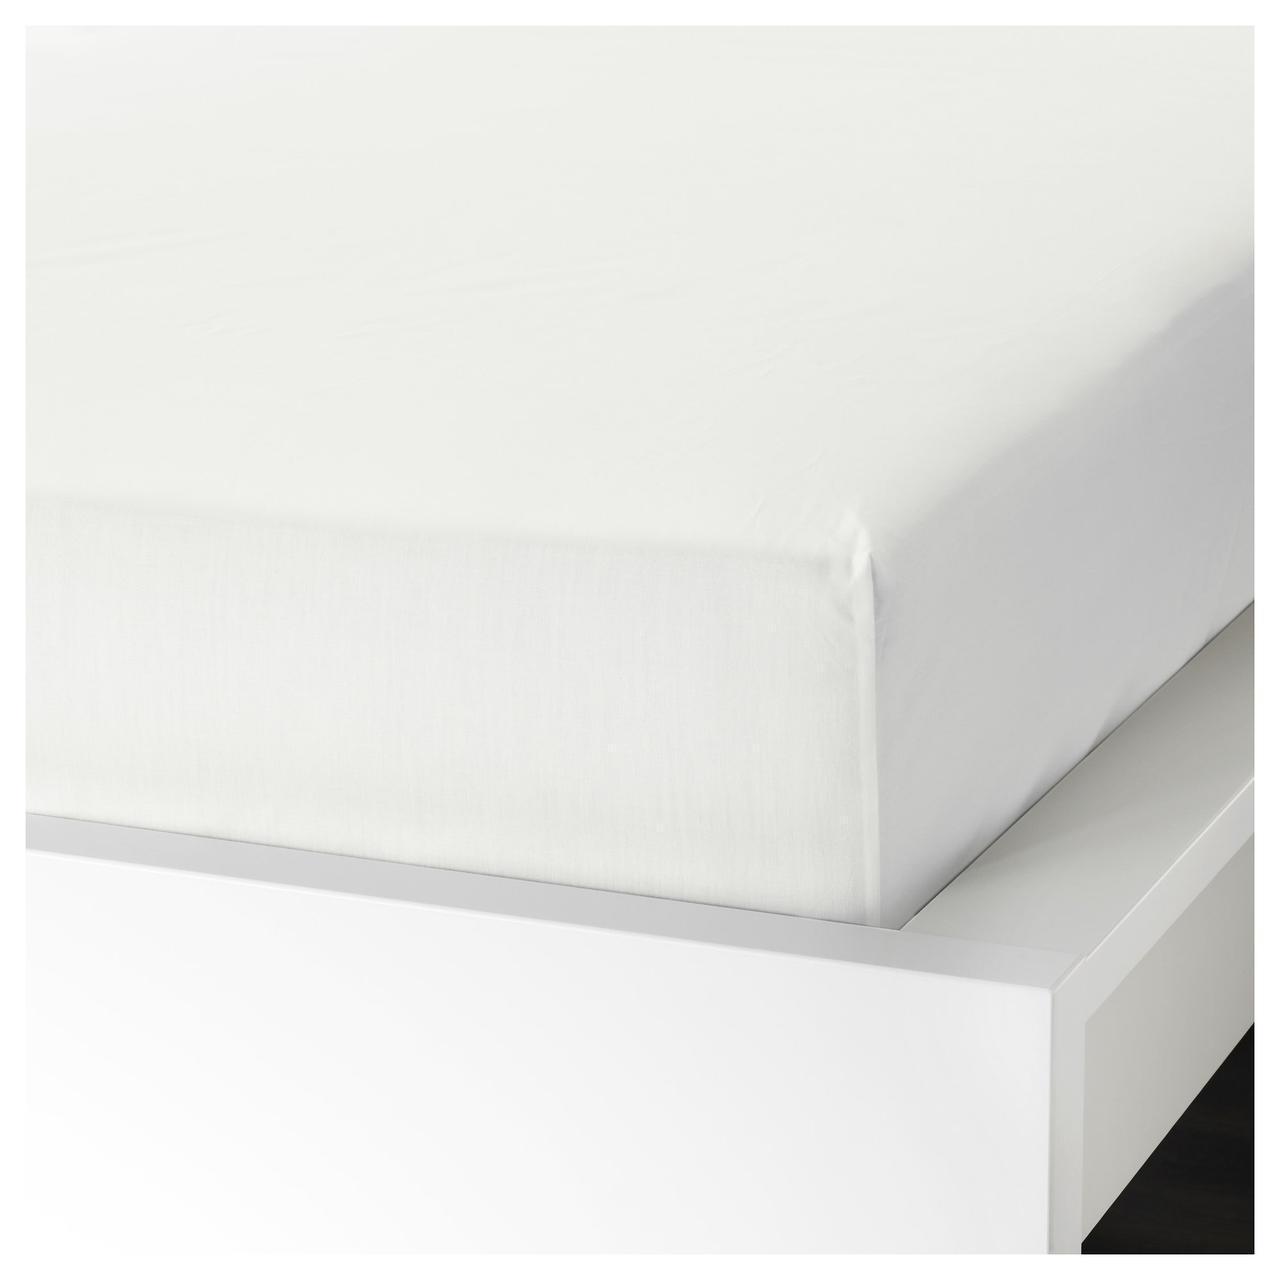 Простыня на резинке IKEA ULLVIDE 180х200 см белая 103.427.72